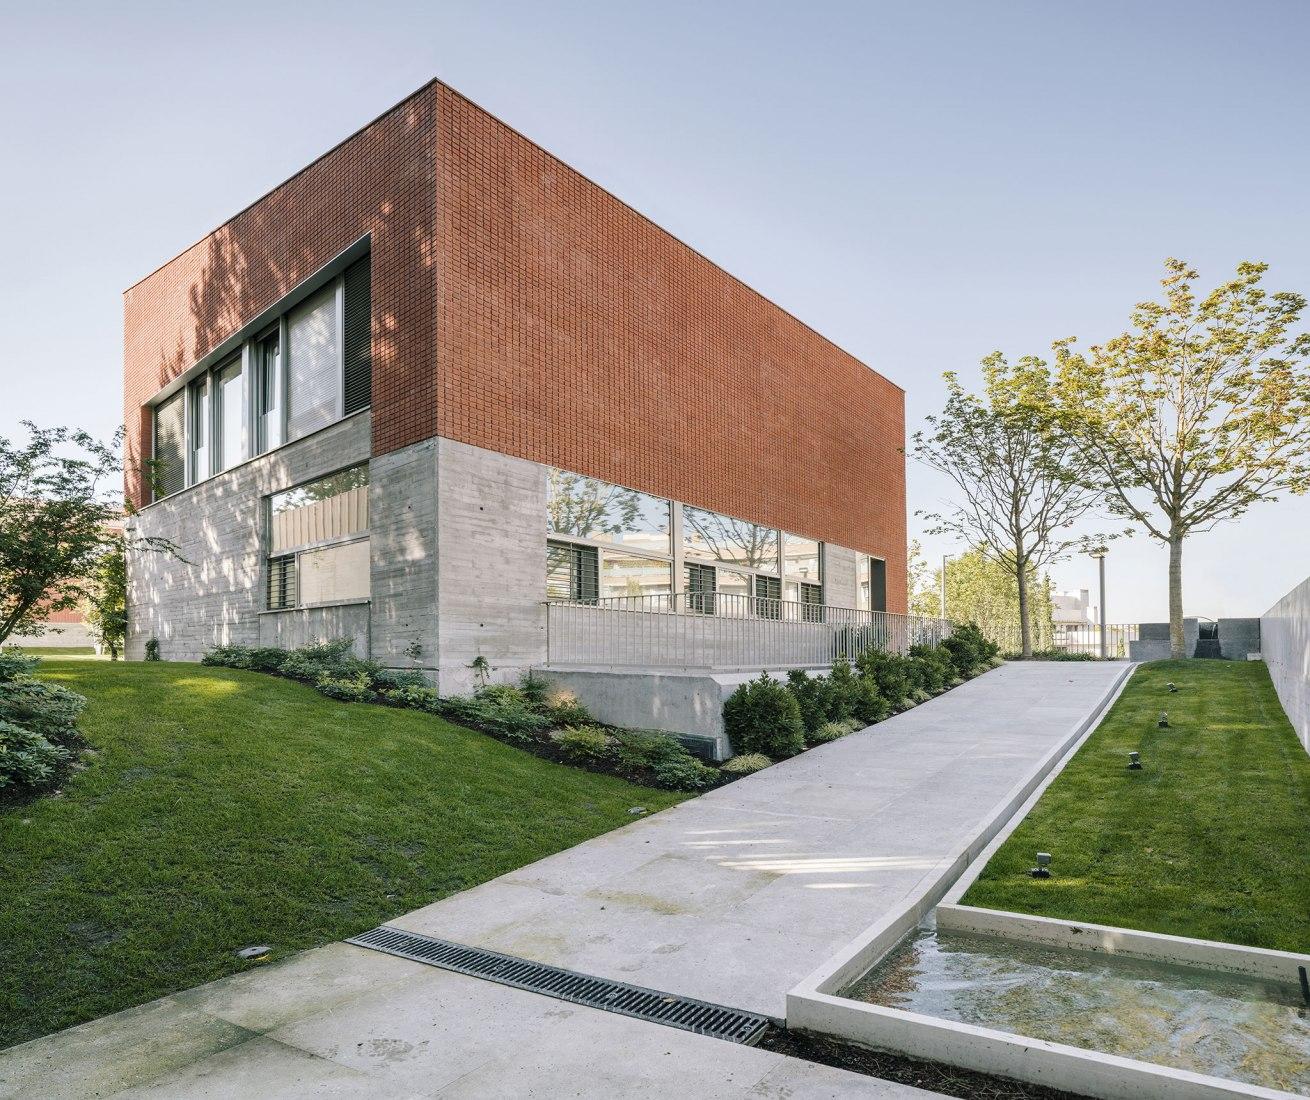 Cuatro variantes de villas por DL+A Arquitectos. Fotografía © Miguel de Guzmán y Rocío Romero. Imagen subliminal.